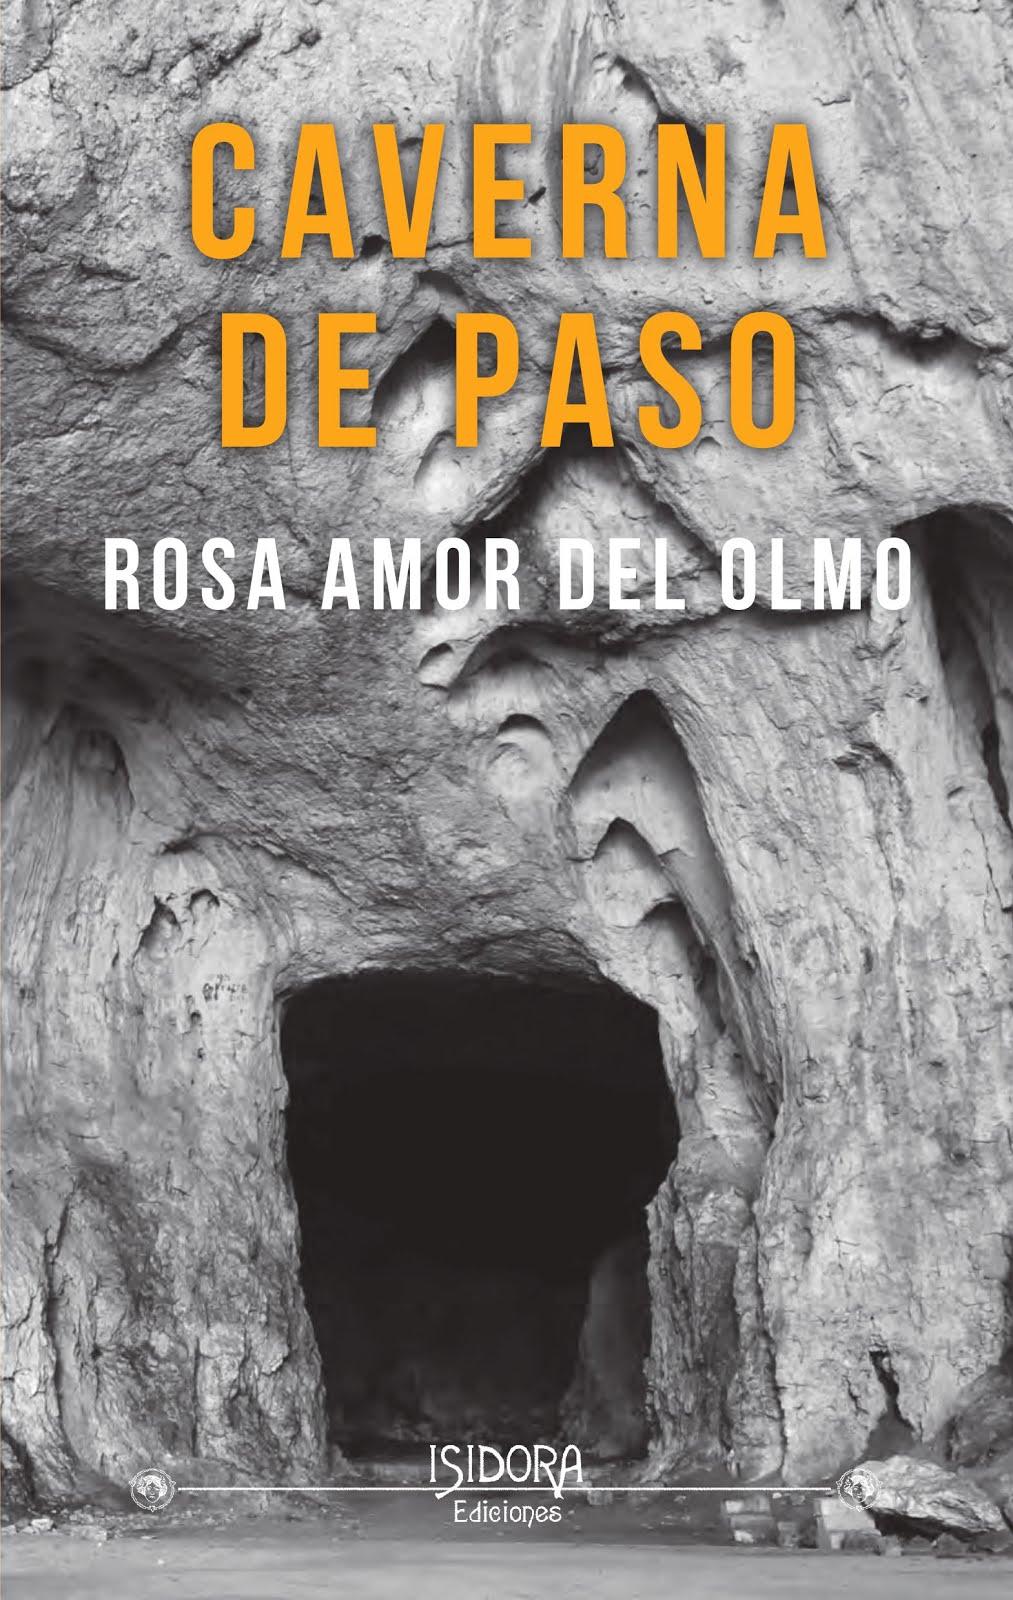 Caverna de paso, último poemario